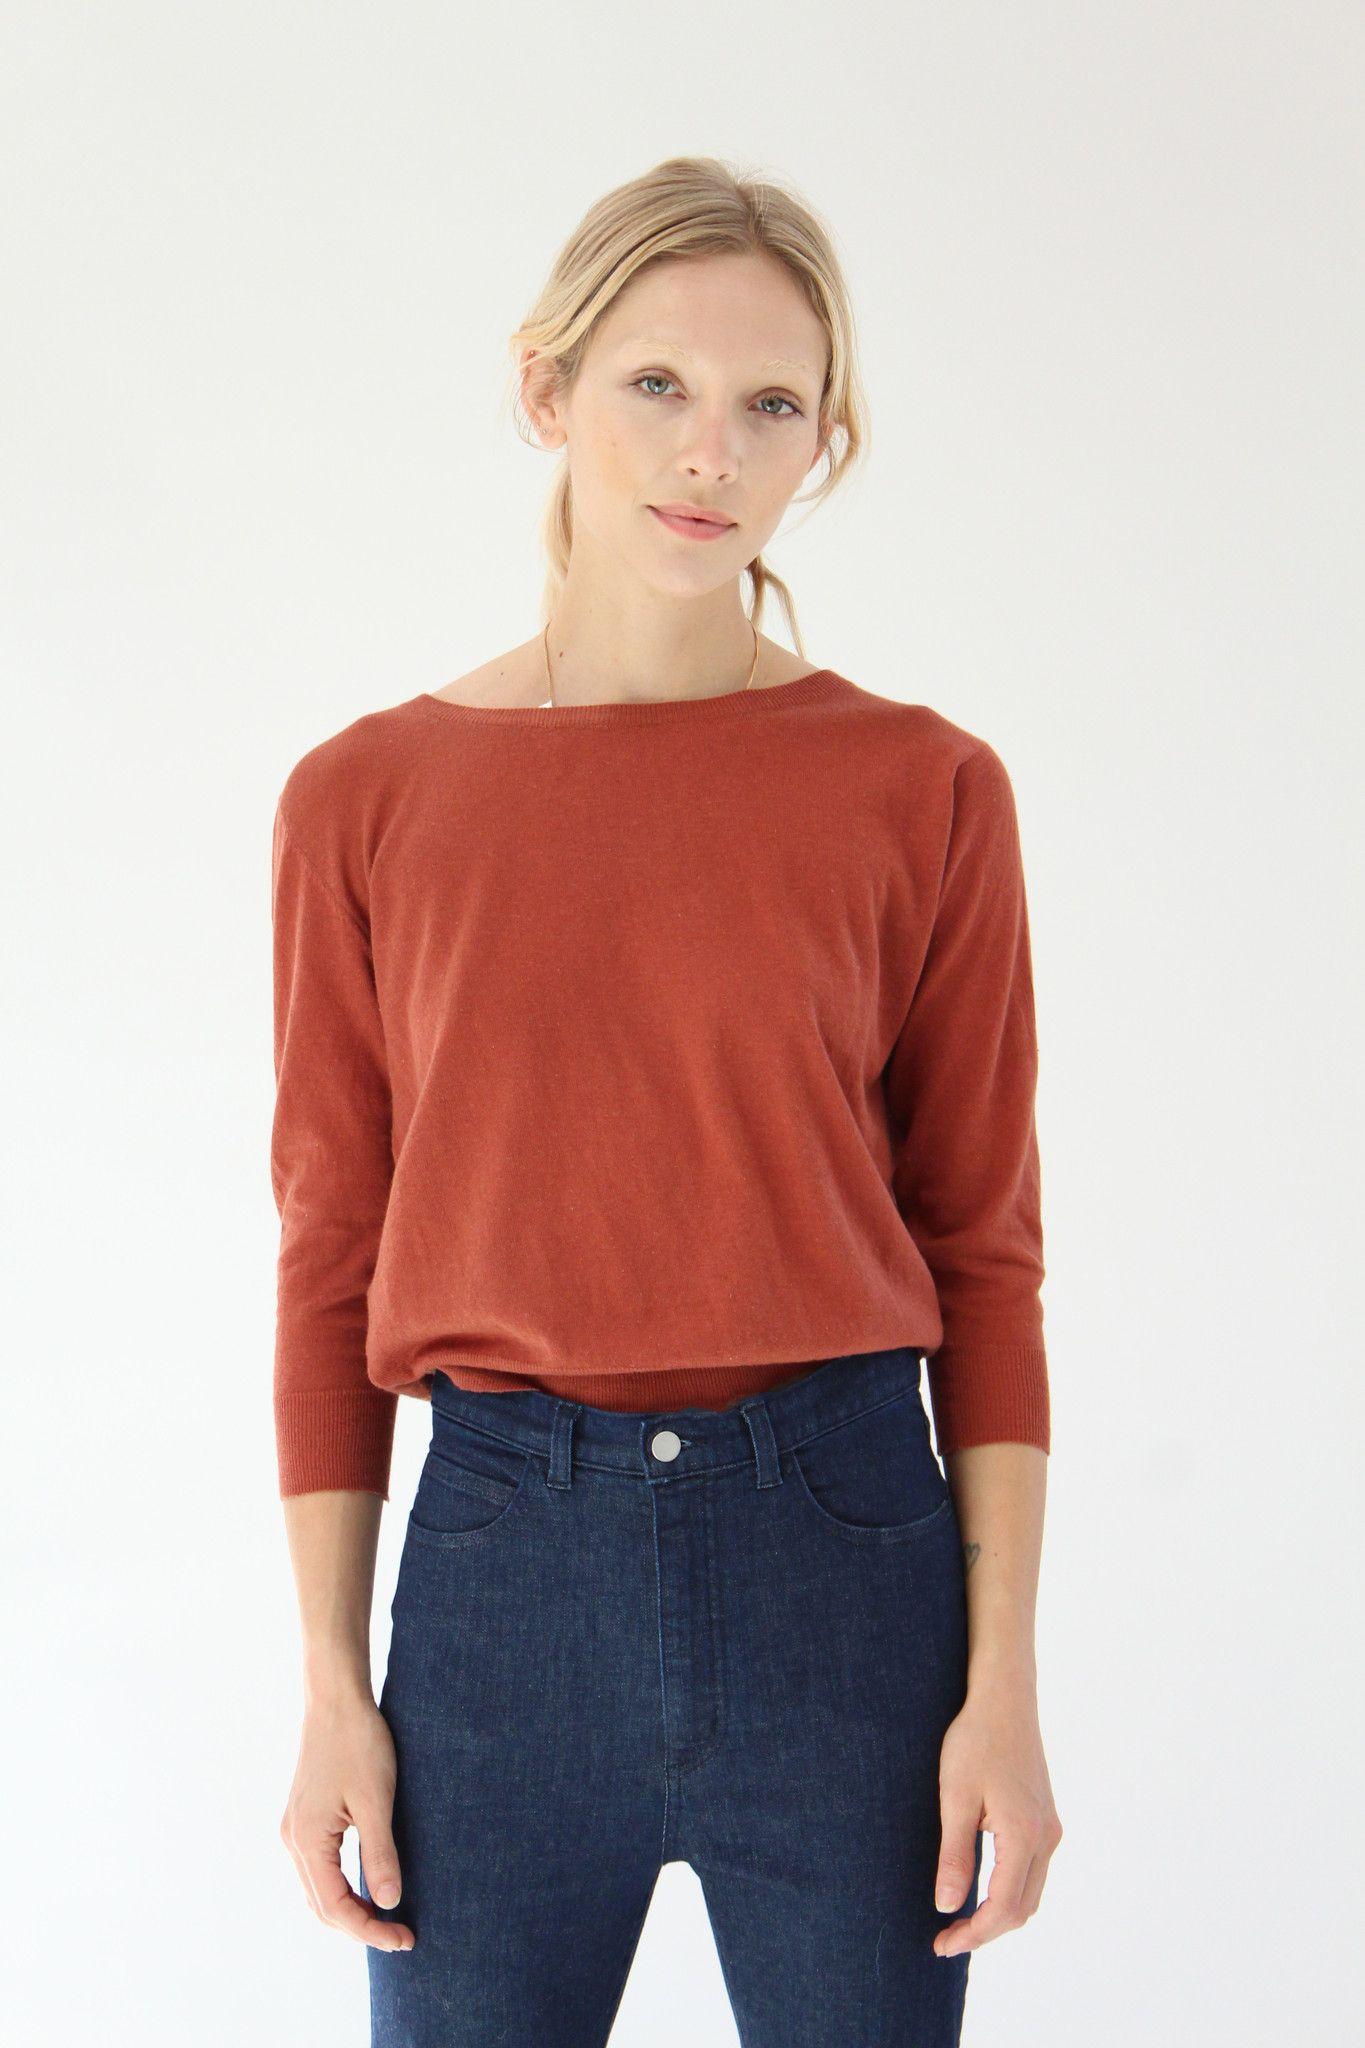 Beklina Cotton 3/4 Sleeve Knit Top Spice